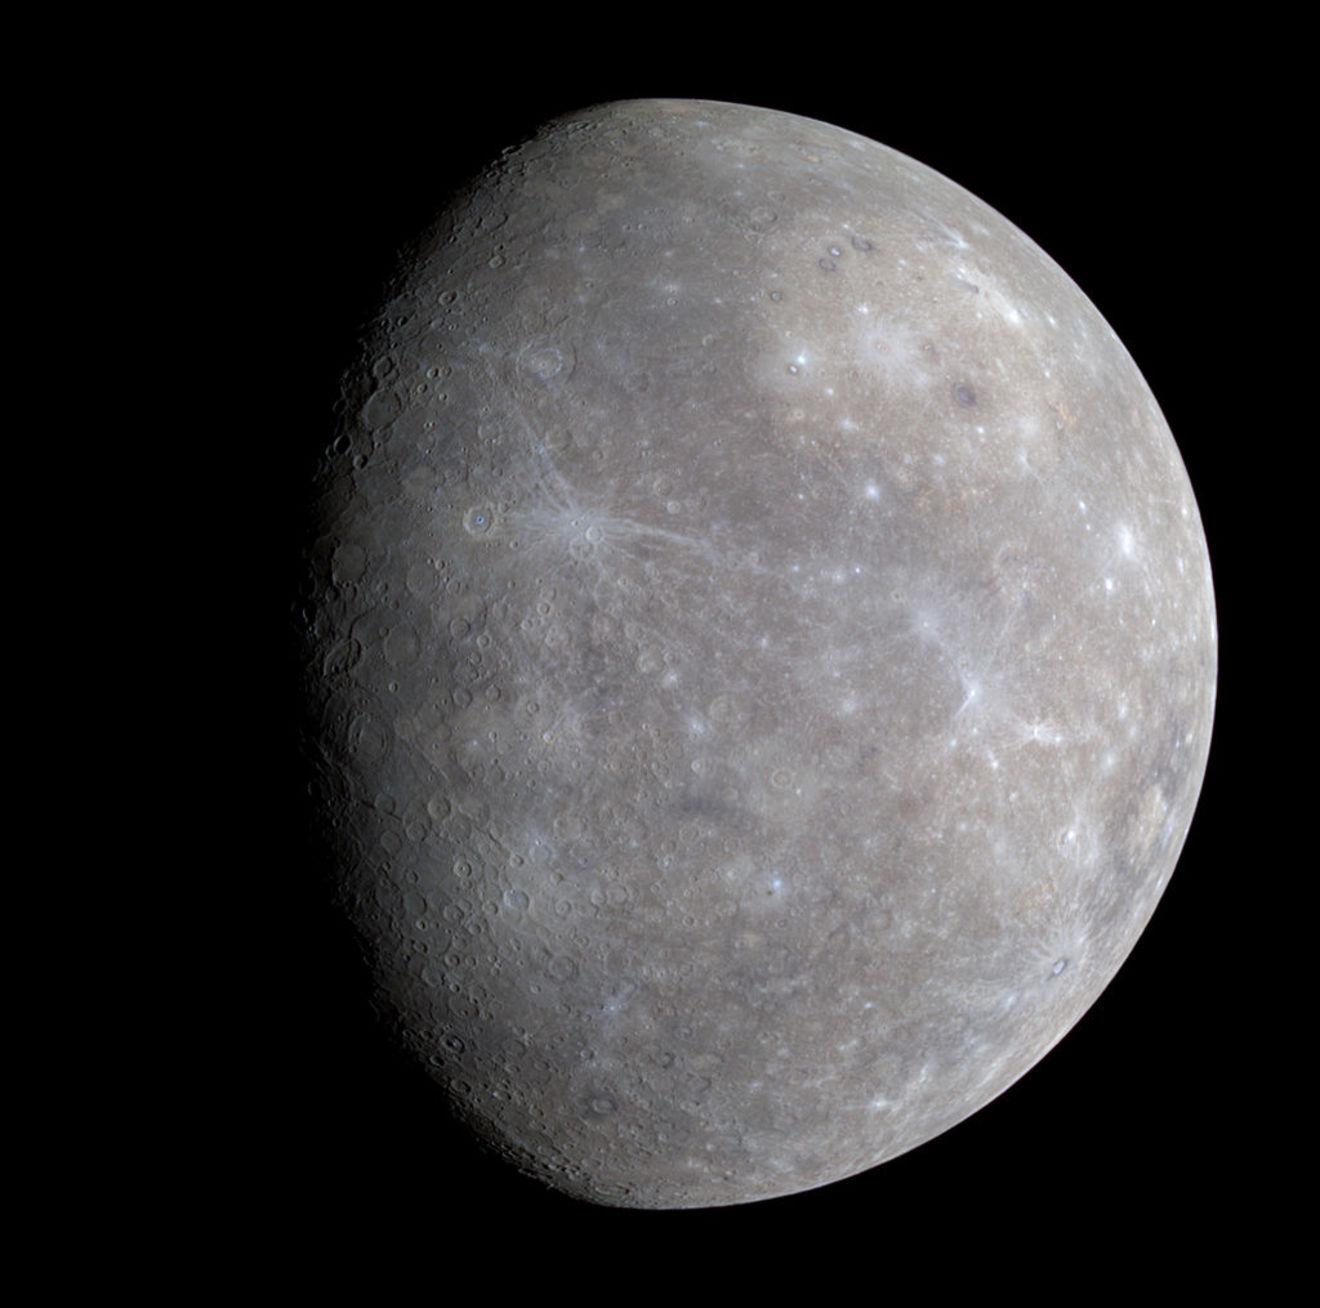 5分でわかる水星!温度や大きさなどの特徴、生命体がいる可能性を解説!